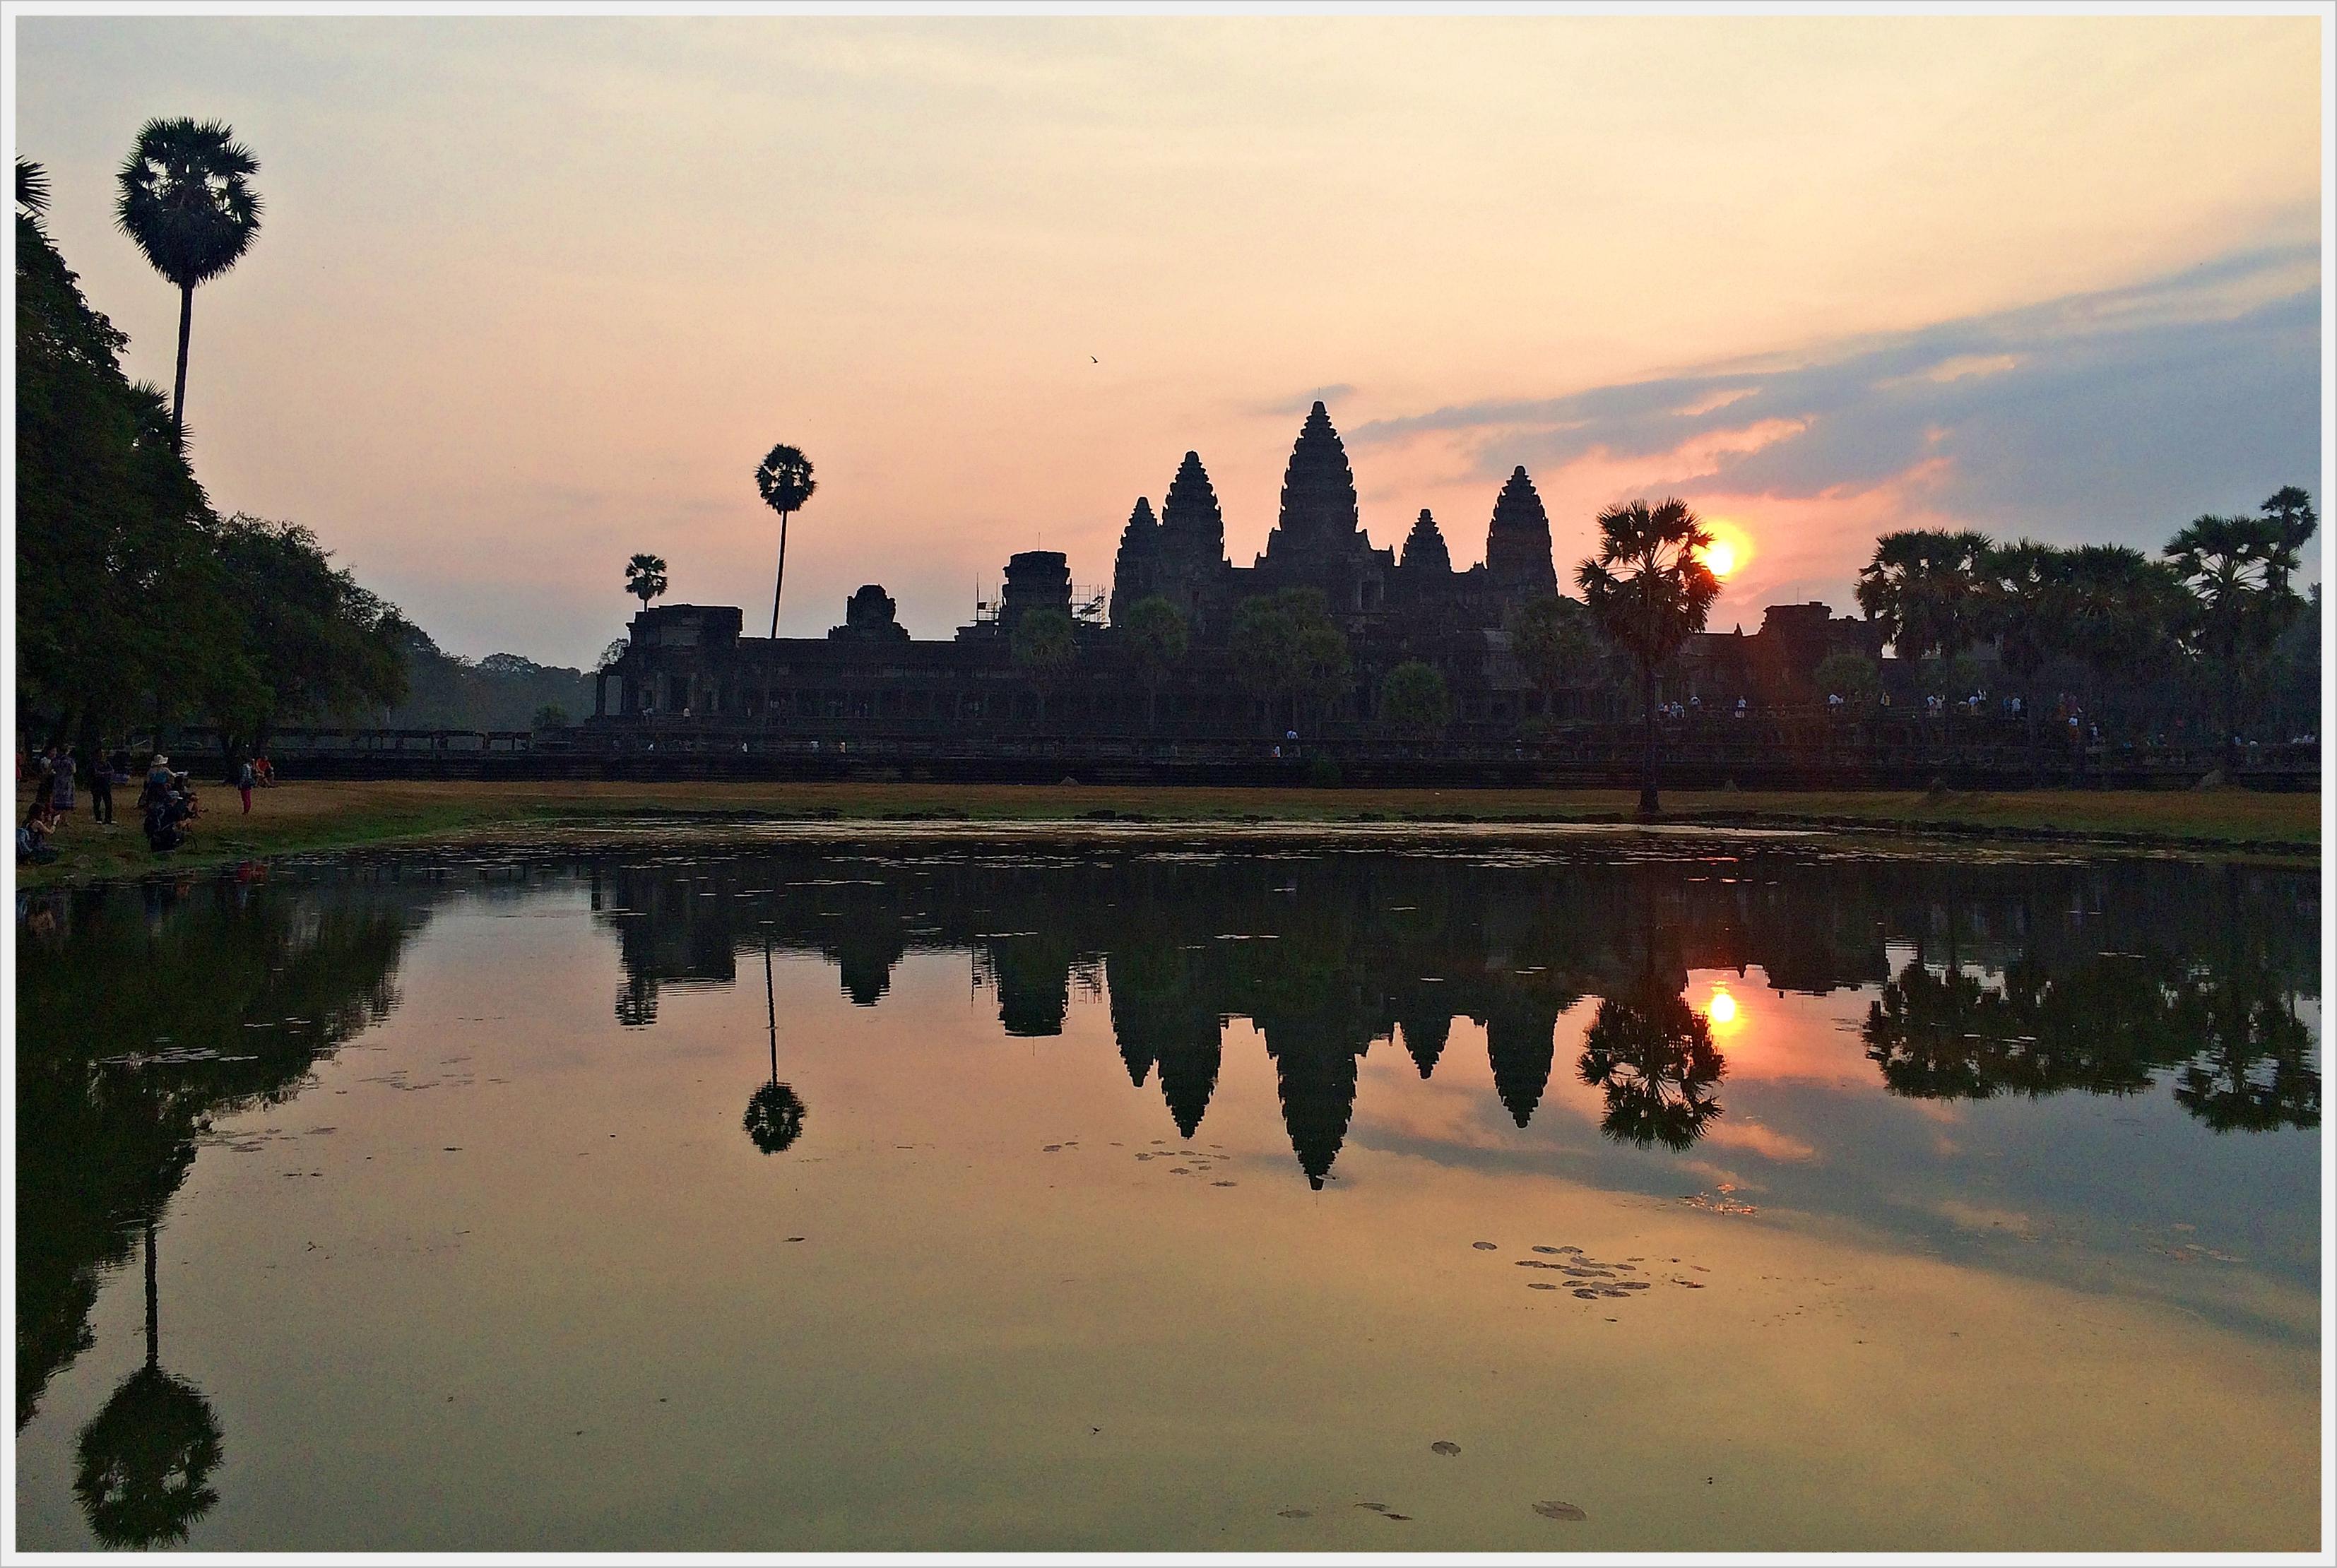 04_2016 - Angkor Wat